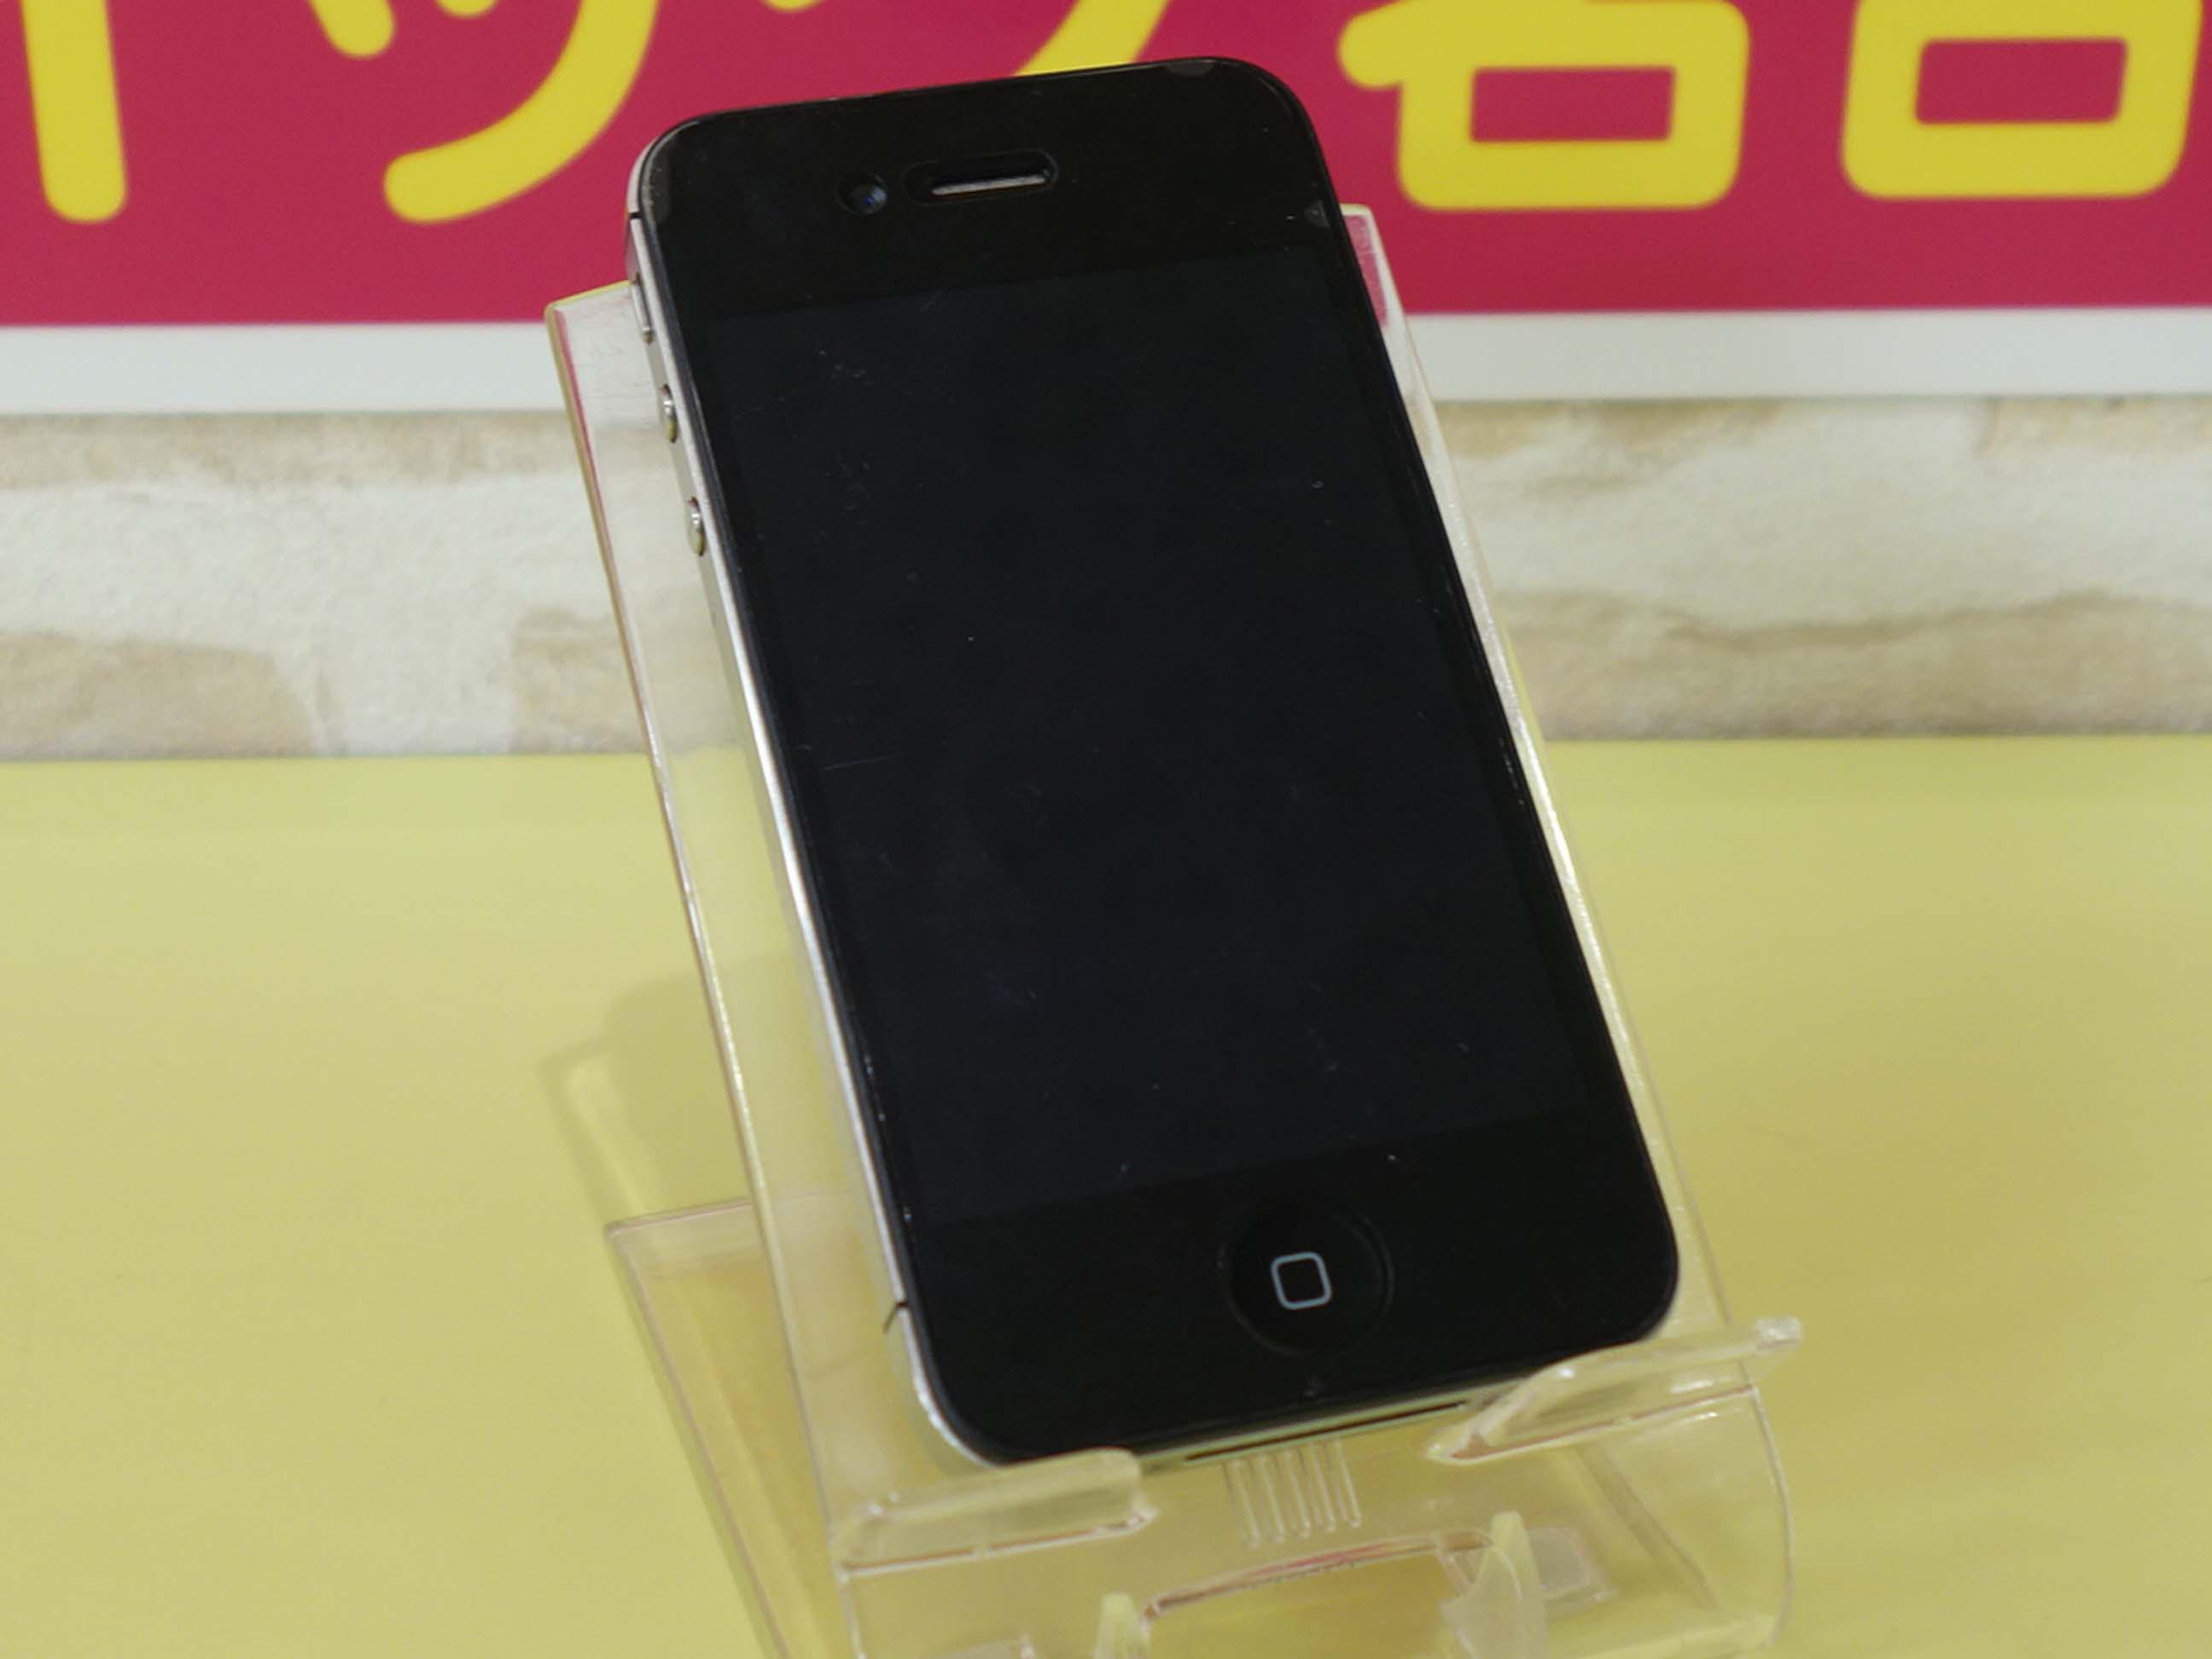 4年前にお手洗いで水没したiPhone4s 水没修理に半田市よりご来店!アイフォン修理のクイック名古屋